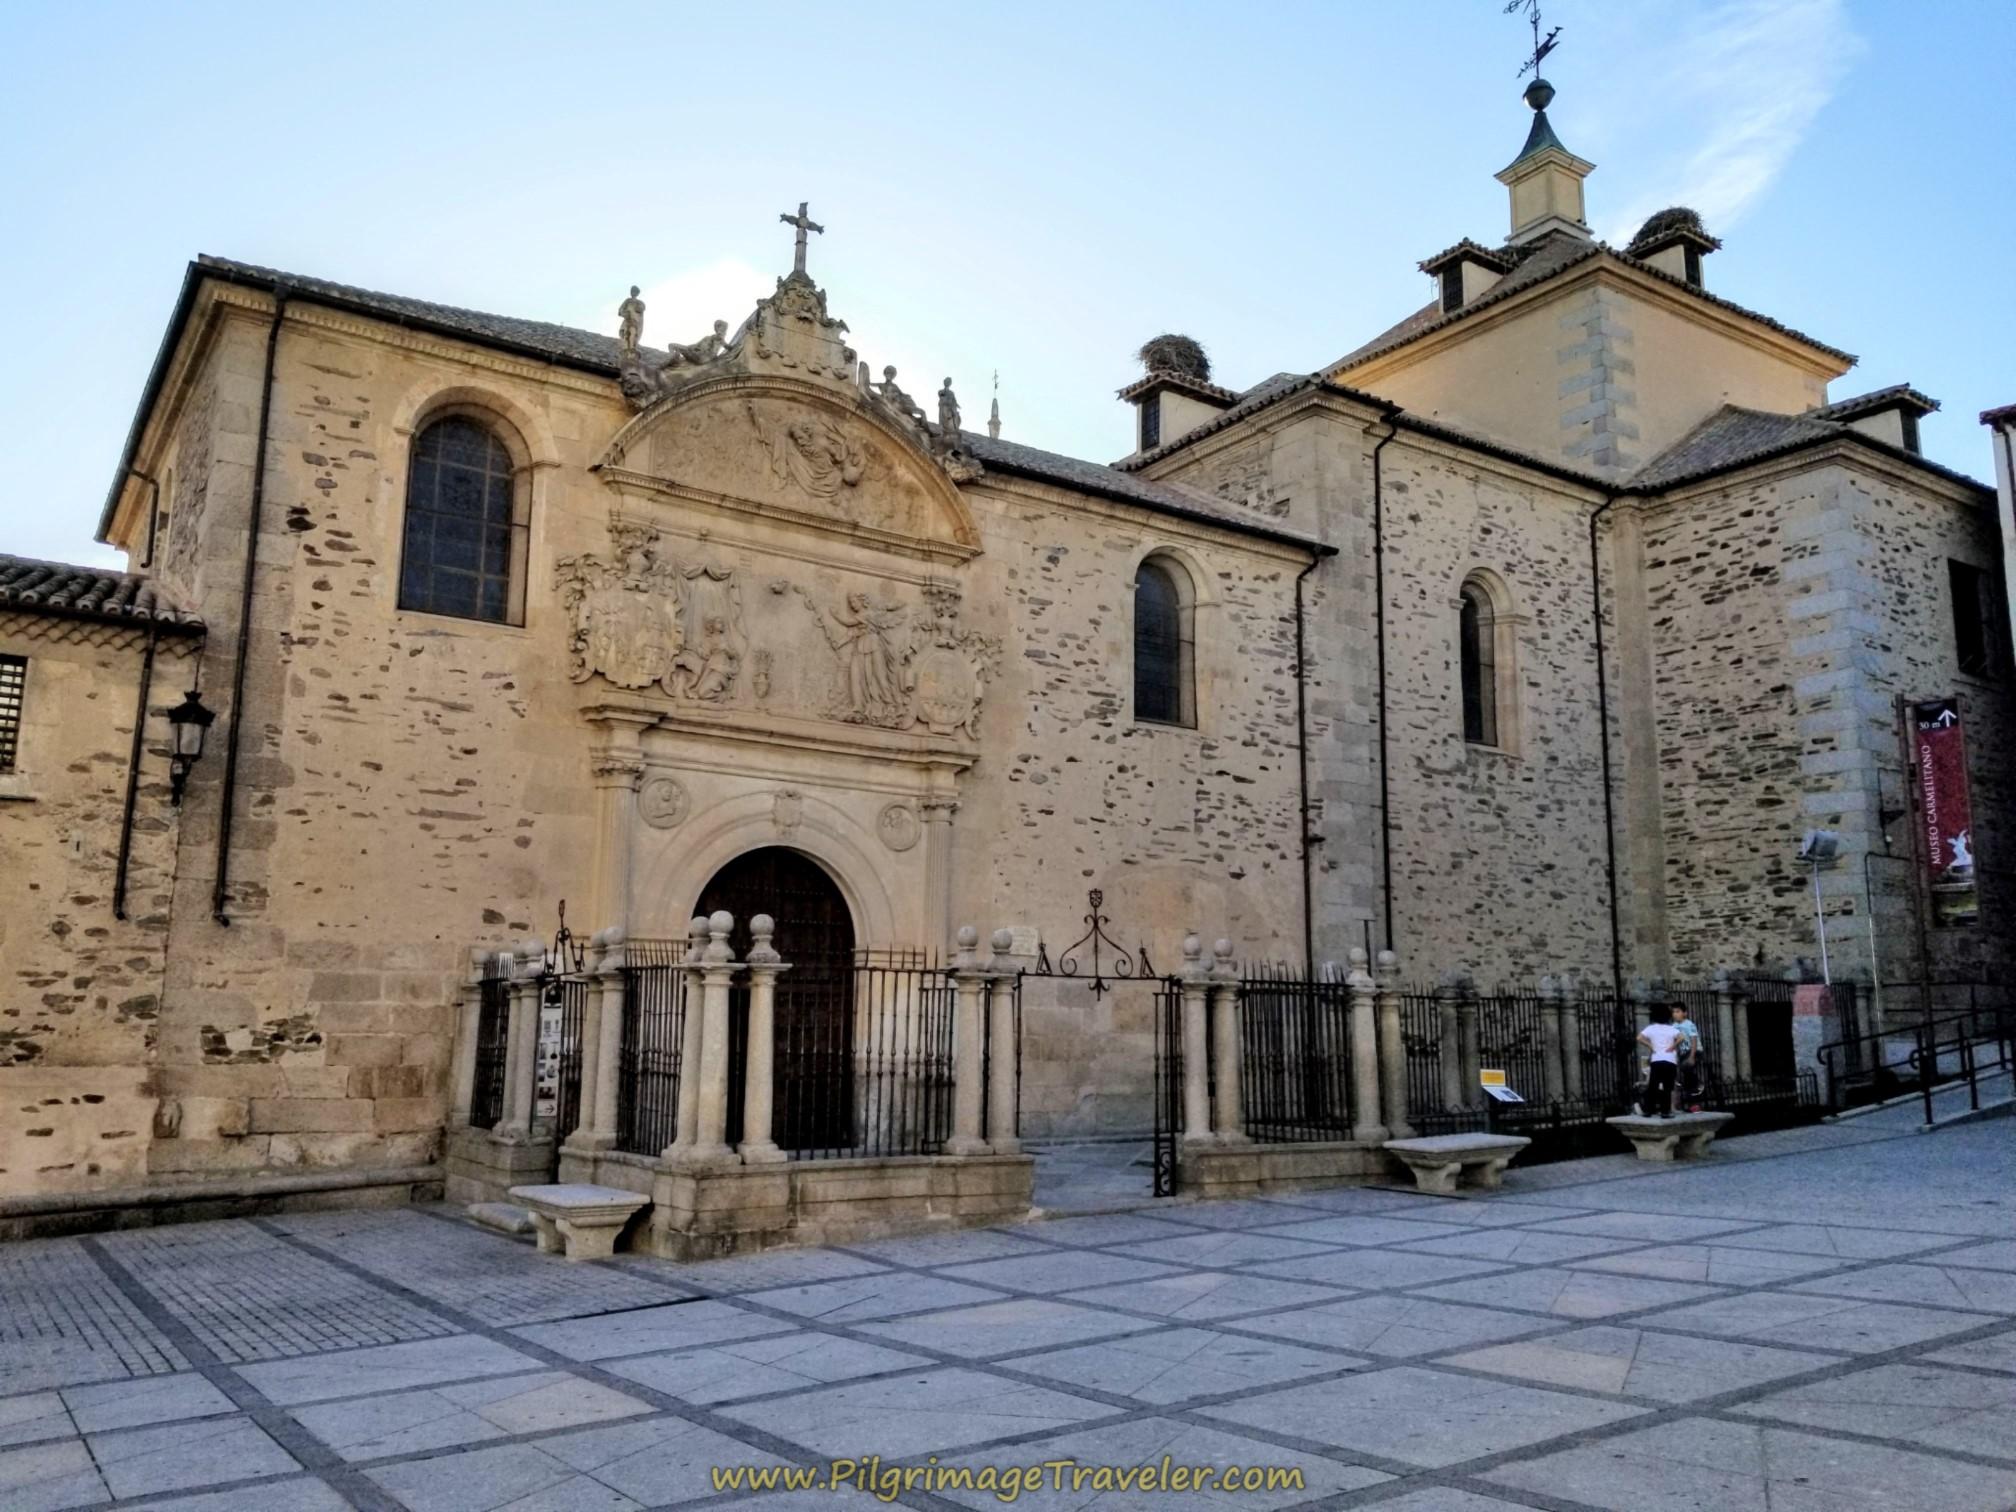 In the west end of the Plaza Santa Teresa is the famous Iglesia de la Anunciación, with the Sepulcro de Santa Teresa, or St. Teresa's tomb, Alba de Tormes